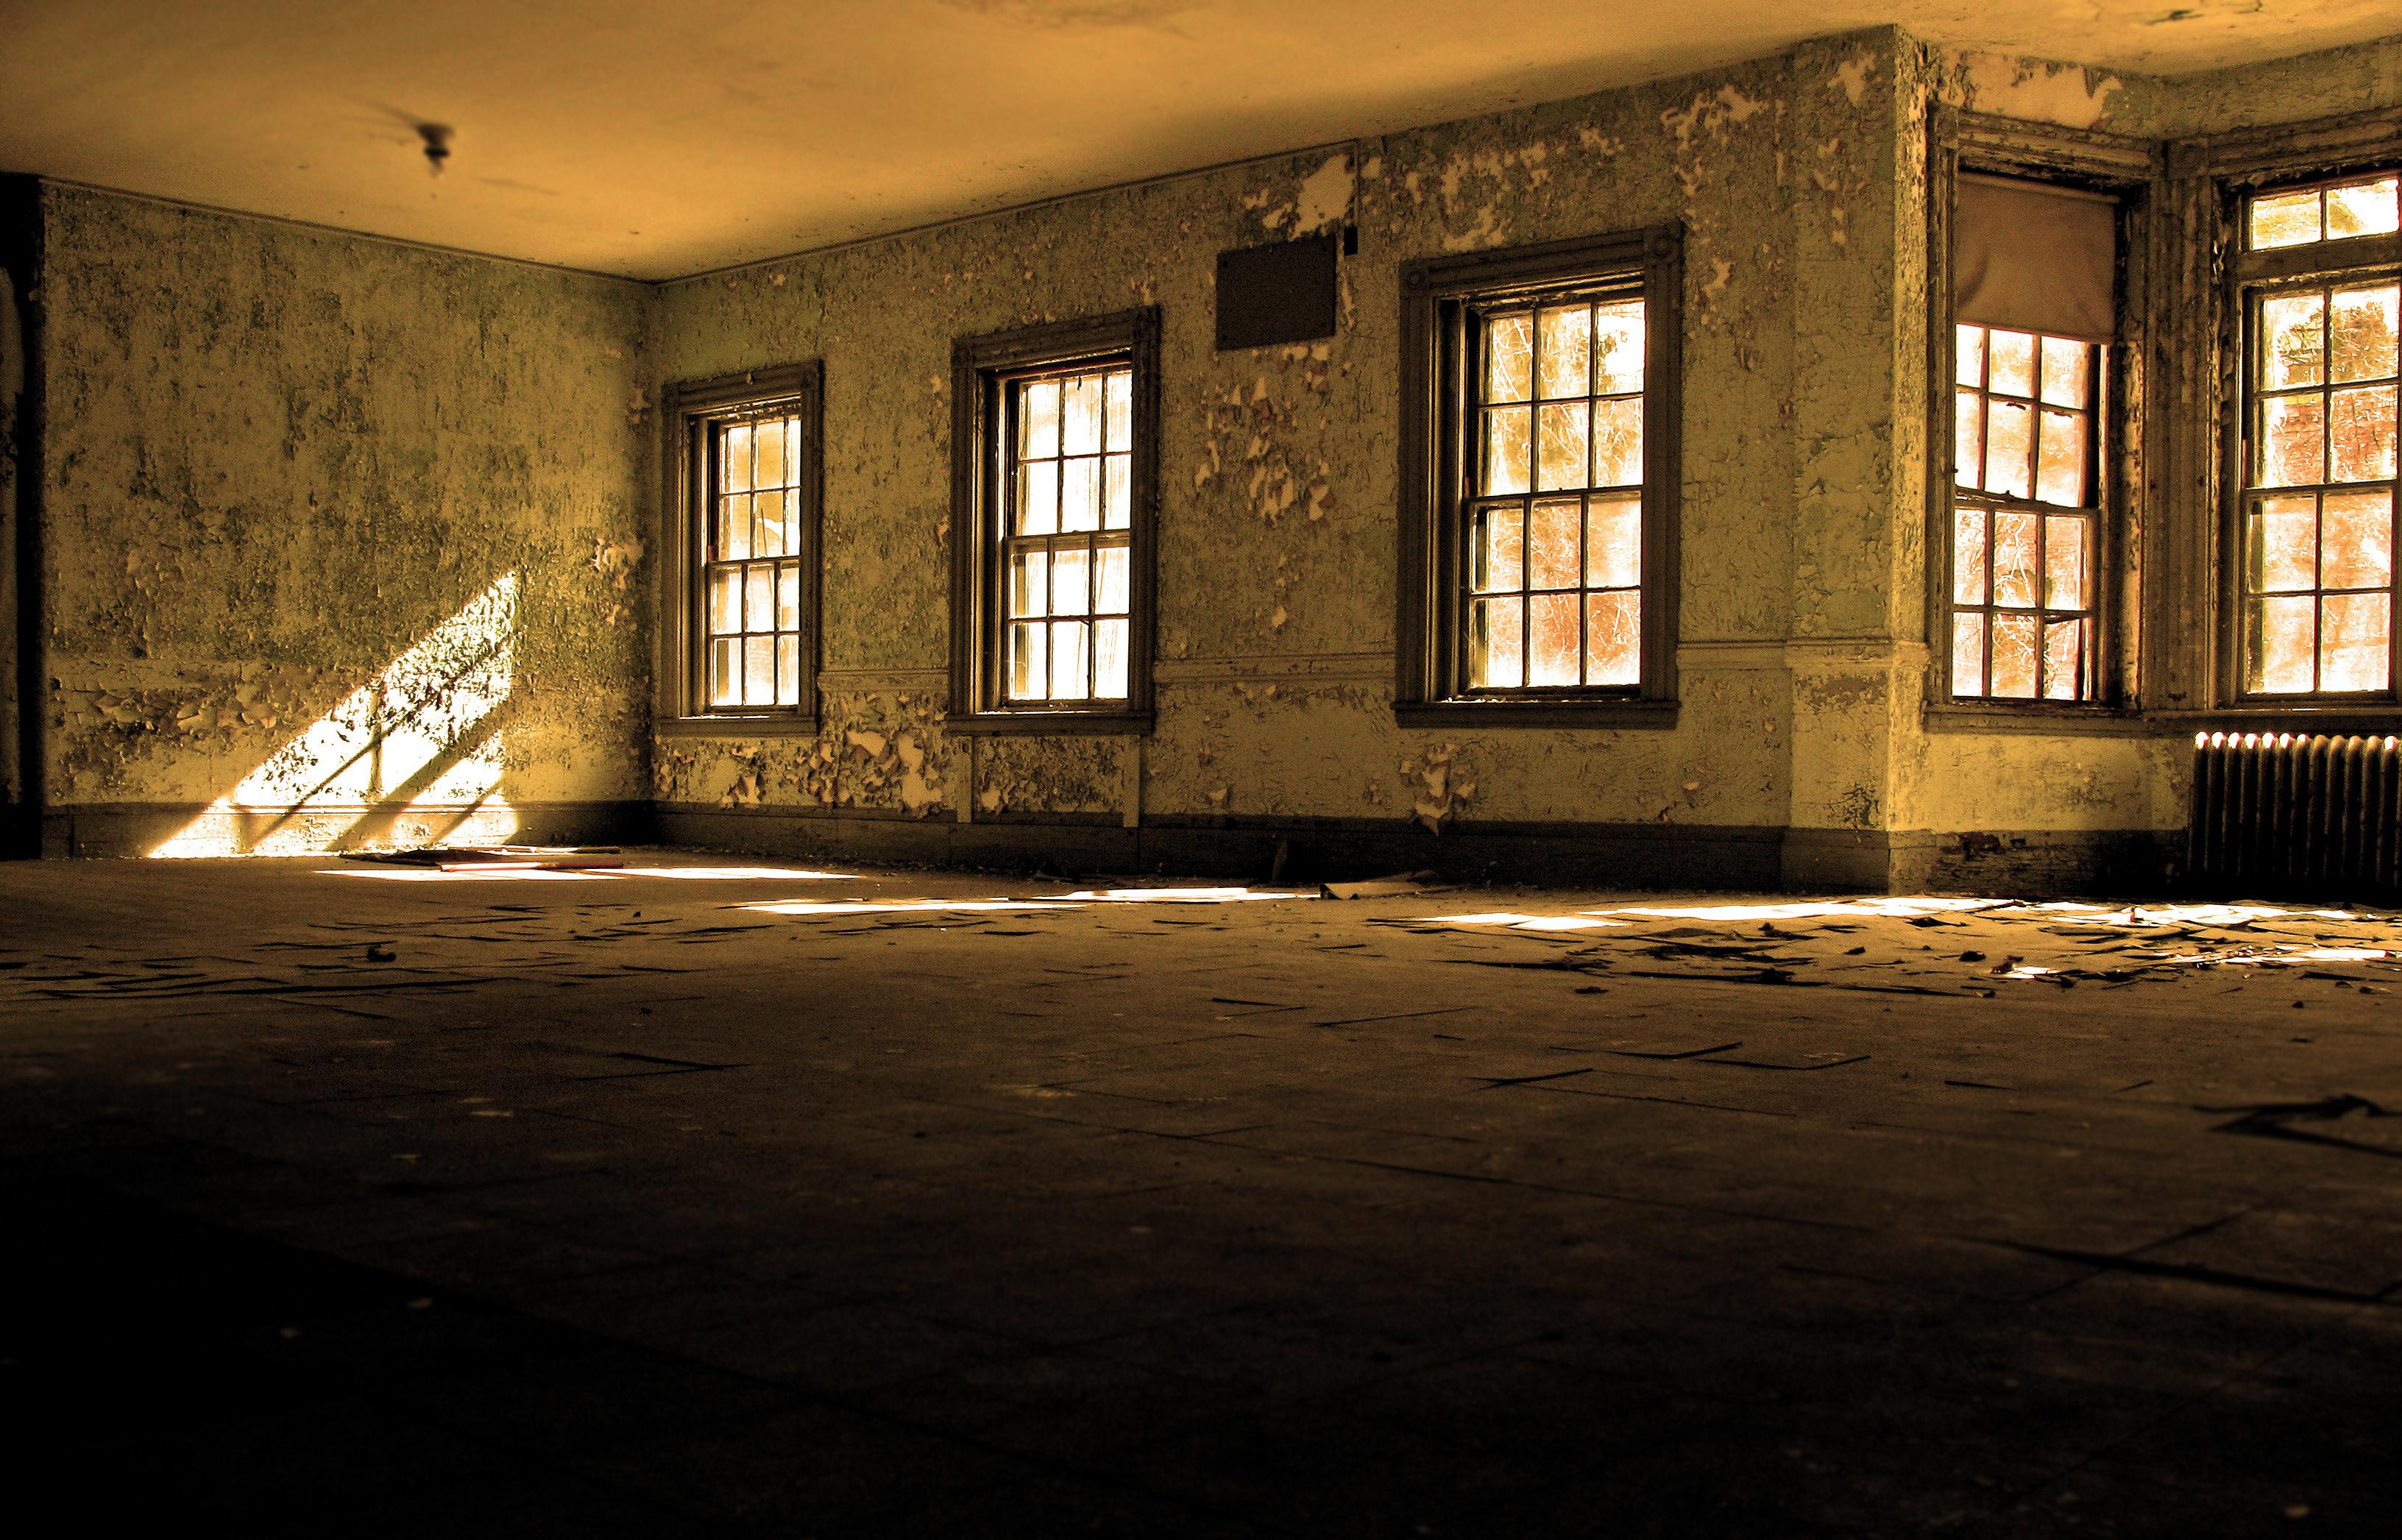 заброшенный дом двери окна коридор  № 2195412 бесплатно